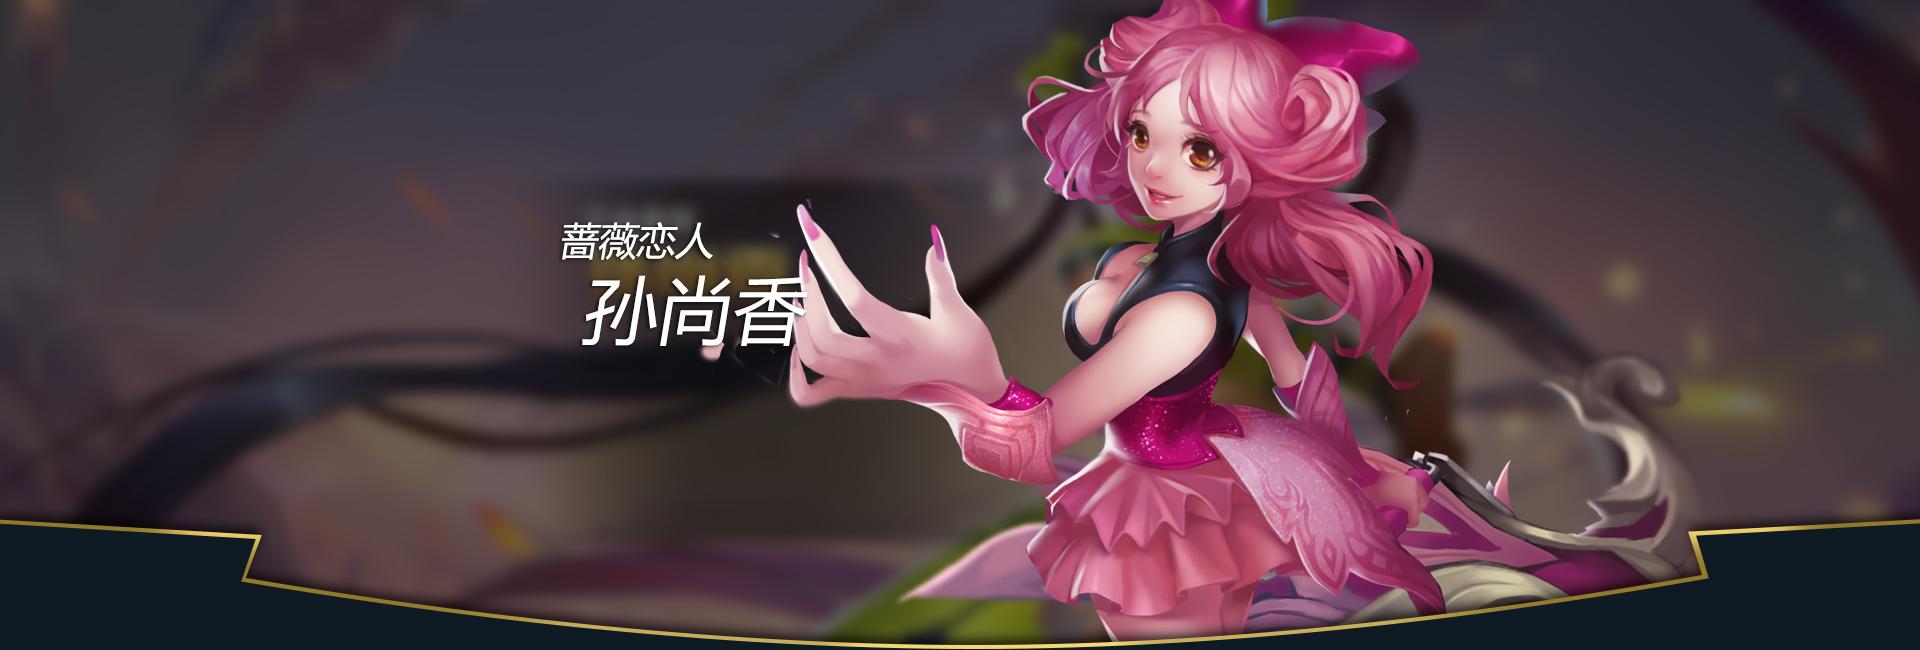 第2弹《王者荣耀英雄皮肤CG》竞技游戏132